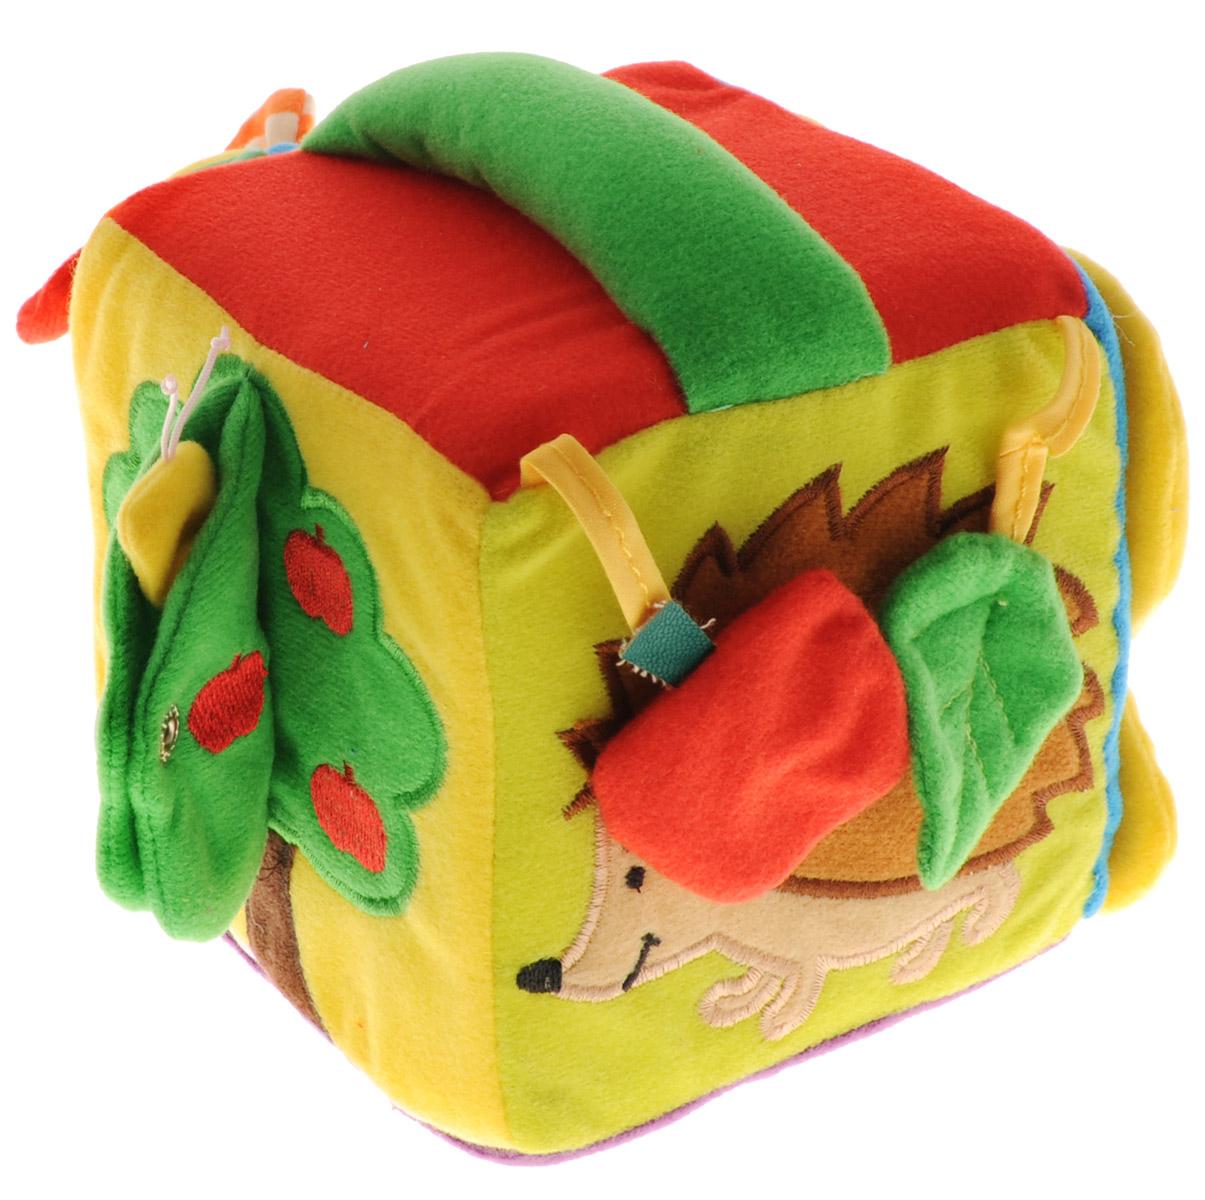 Mommy Love Мягкая развивающая игрушка КубикКБР0\М;KBR0\MМягкая развивающая игрушка Mommy Love Кубик, выполненная из современных легких материалов разных цветов и фактур, абсолютно безопасных для ребенка, непременно понравится малышу и не позволит ему скучать. Каждая грань кубика содержит игровой элемент: изображение в виде ежика, к которому на липучках крепятся шуршащие листочек и яблоко, сетчатый кармашек с игрушкой цветком, деревце с отделением на кнопке, элемент со шнуровкой и бабочку с крылышками на застежке-молнии. Малыш очень скоро научится управляться с застежками любых видов, которые представлены на кубике. Внутри изделия находится погремушка. Игрушка поможет сформировать представление о формах и цветах. Яркие цвета игрушки направлены на развитие мыслительной деятельности, цветовосприятия, тактильных ощущений, мелкой моторики рук ребенка и развития слухового аппарата.